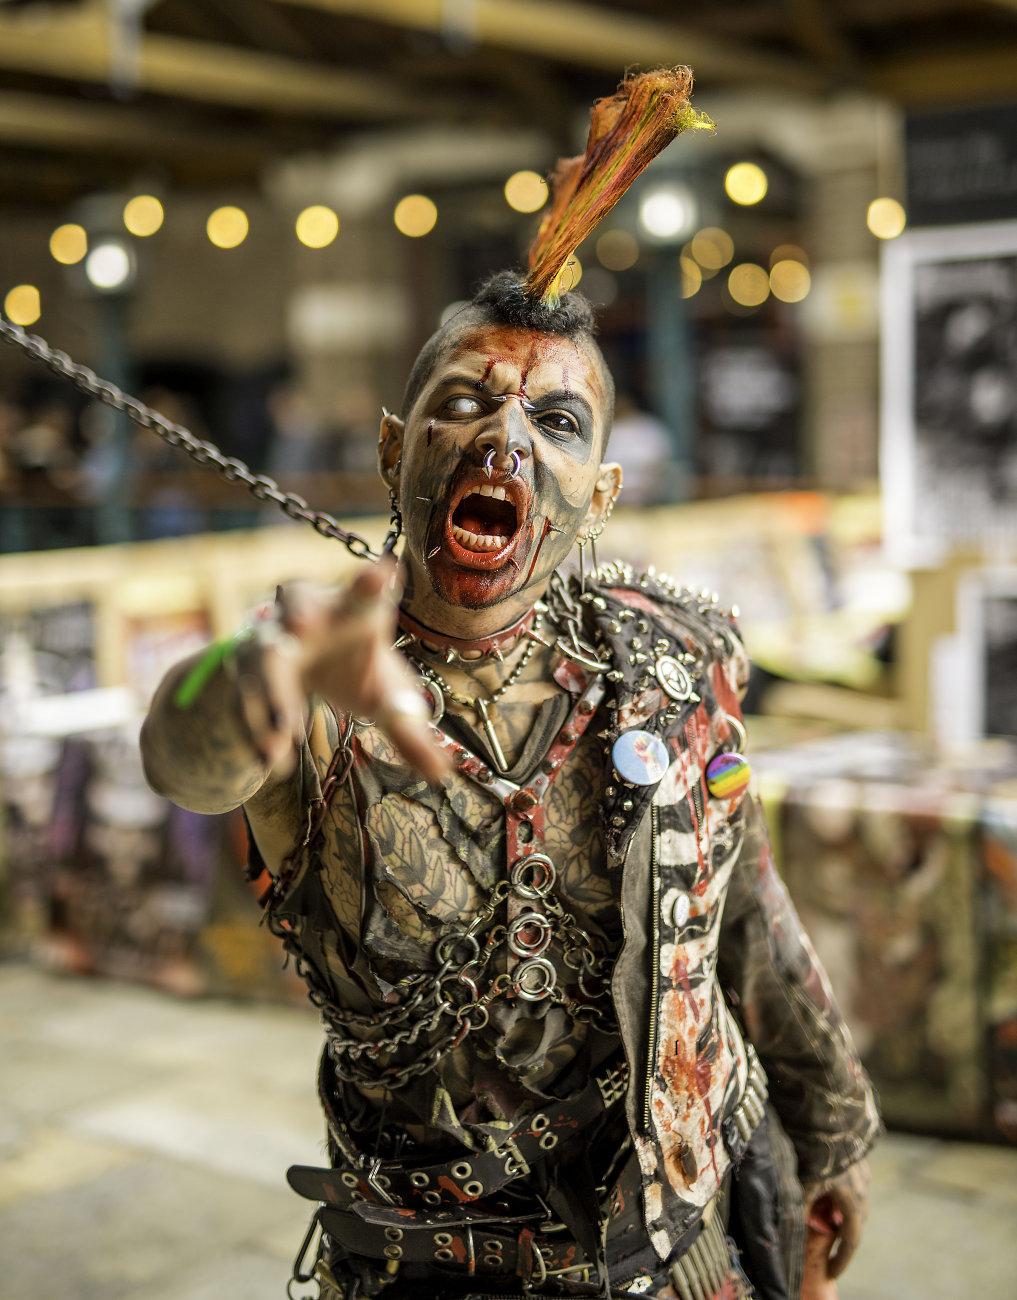 Silly Sunday Zombie